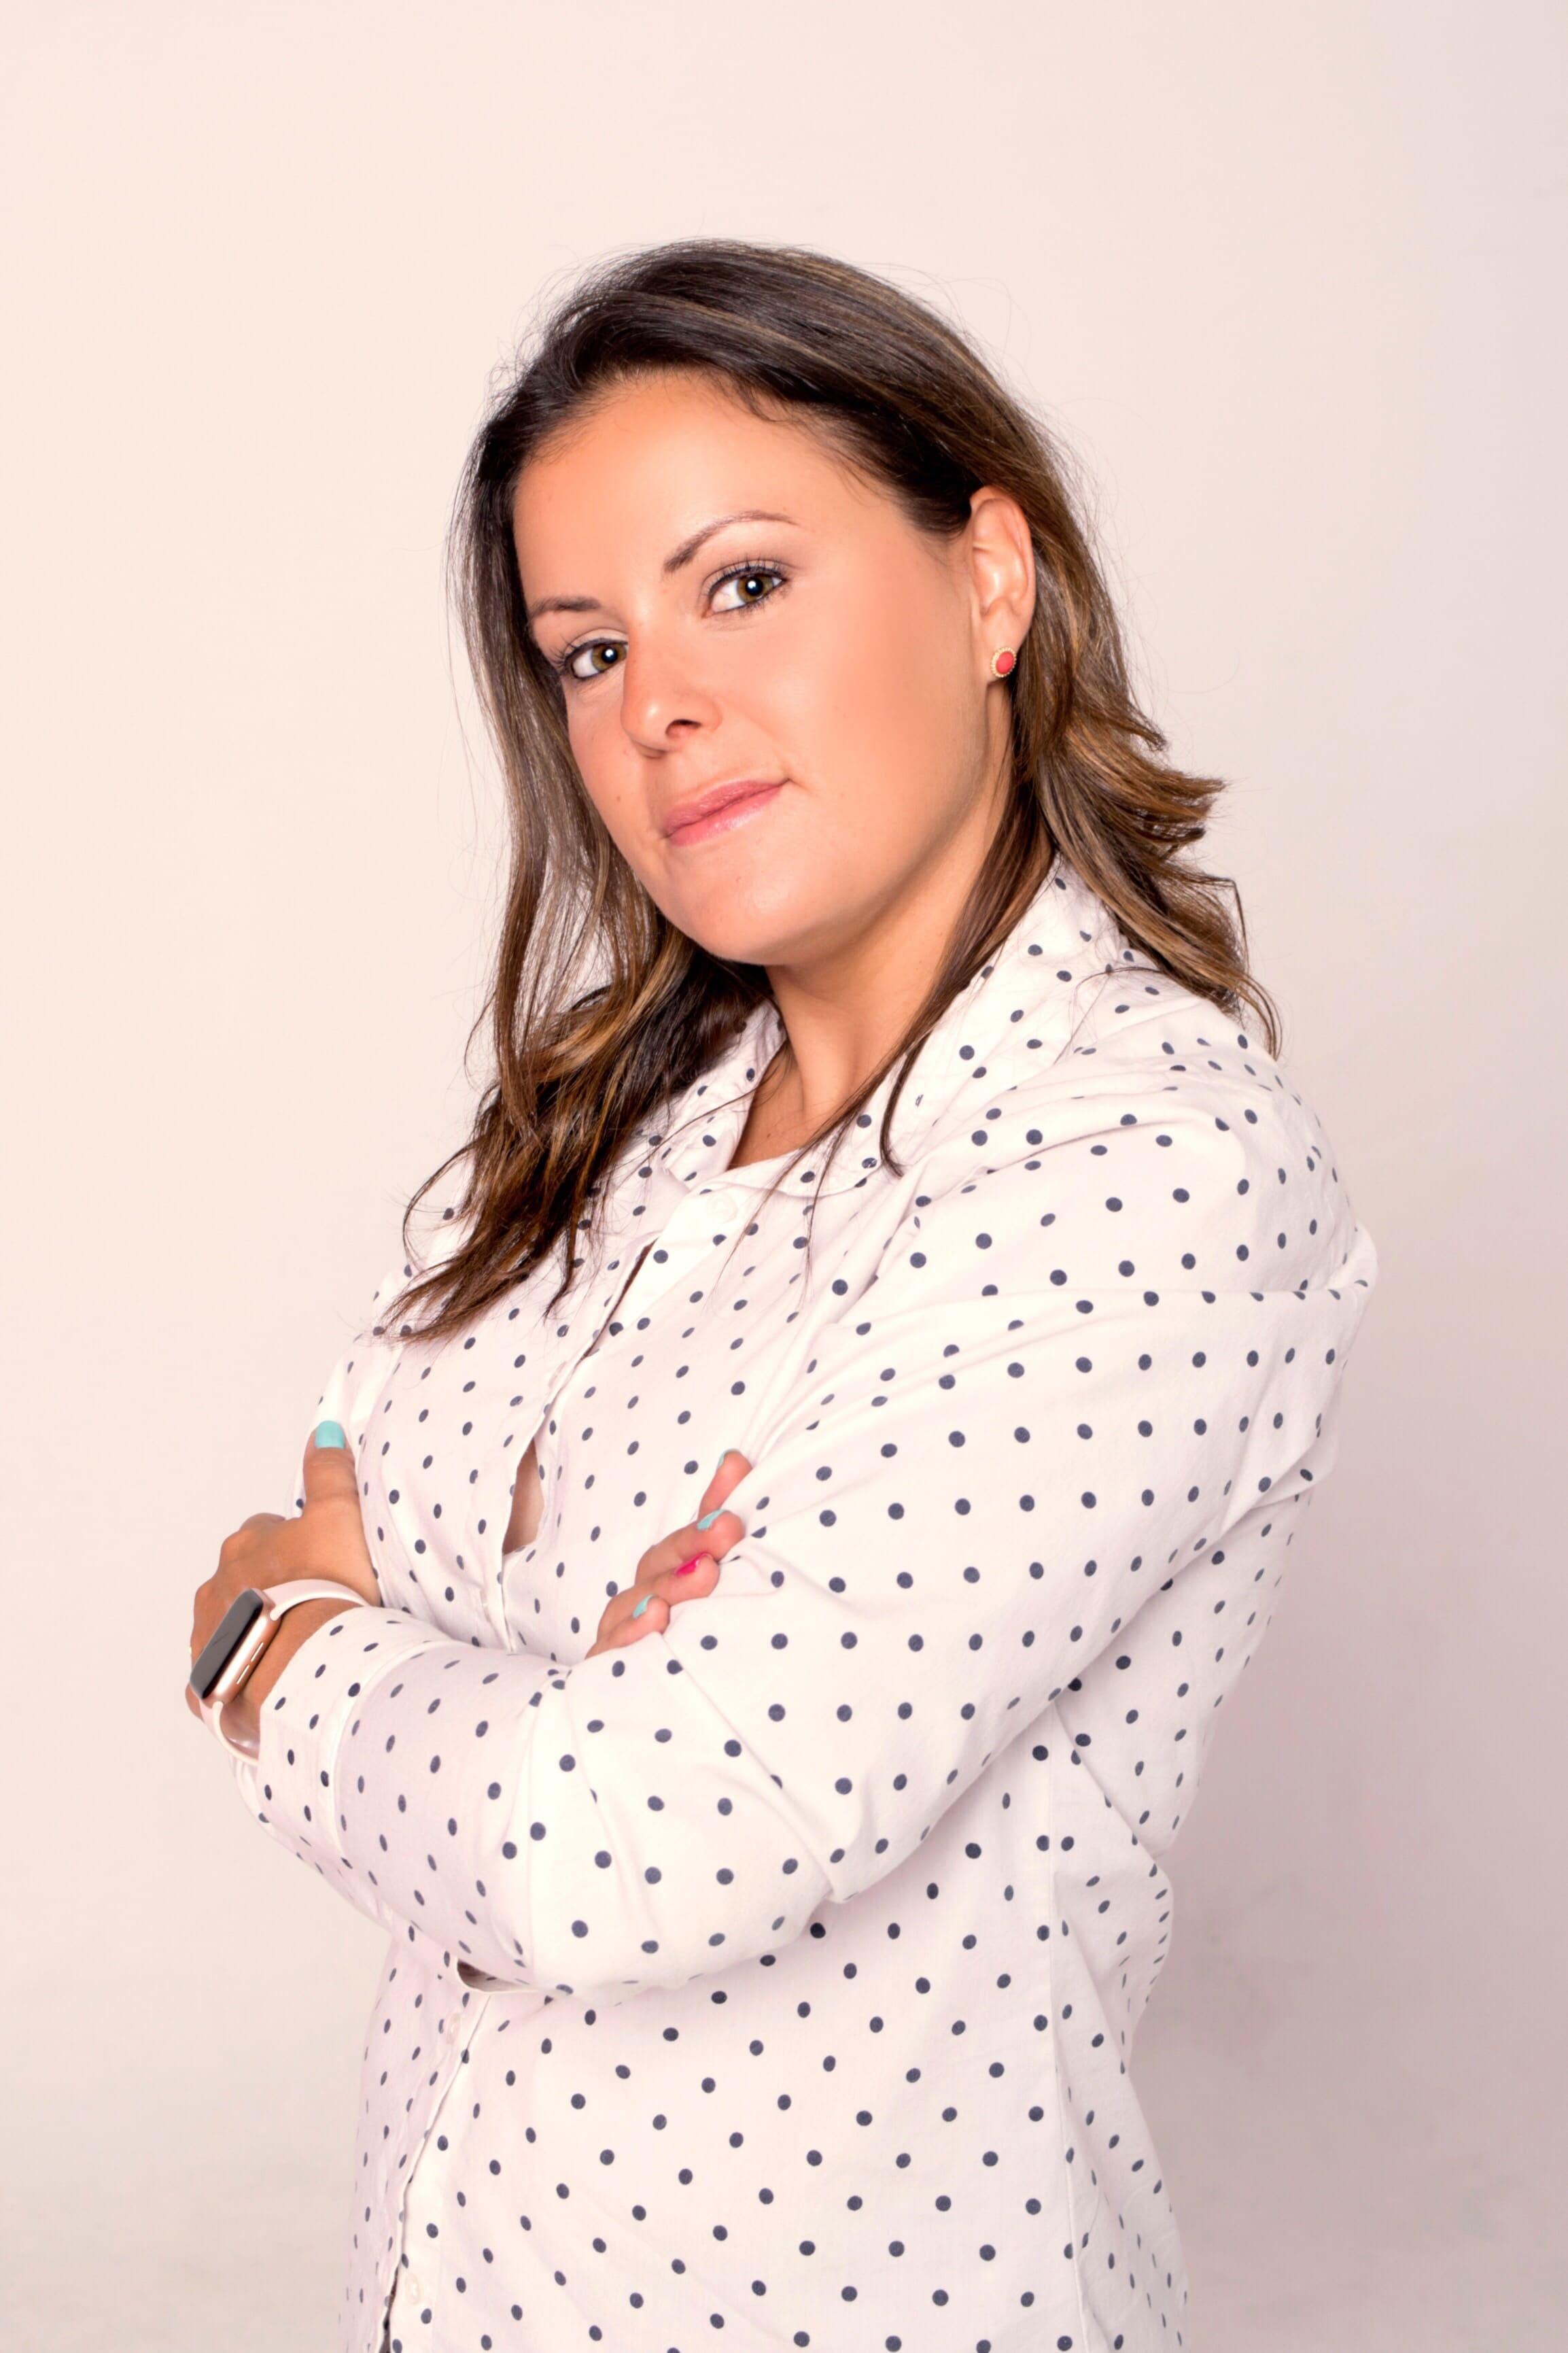 Laura Costumero